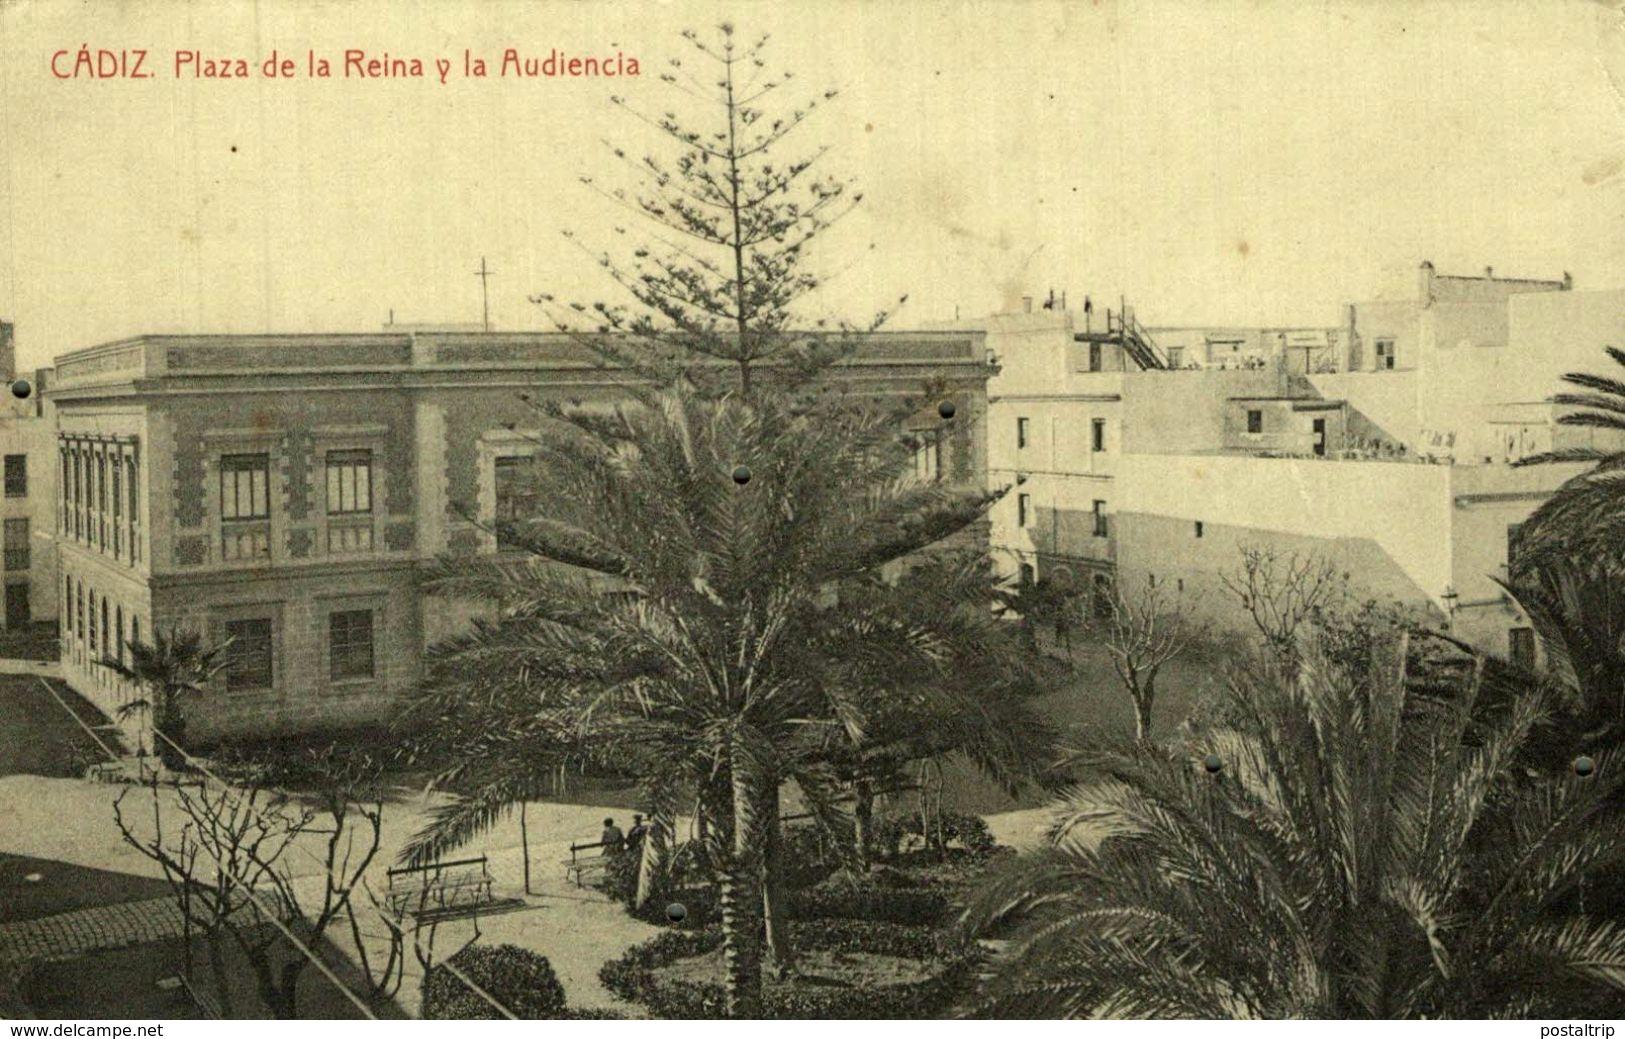 CADIZ. PLAZA DE LA REINA Y LA AUDIENCIA - Cádiz